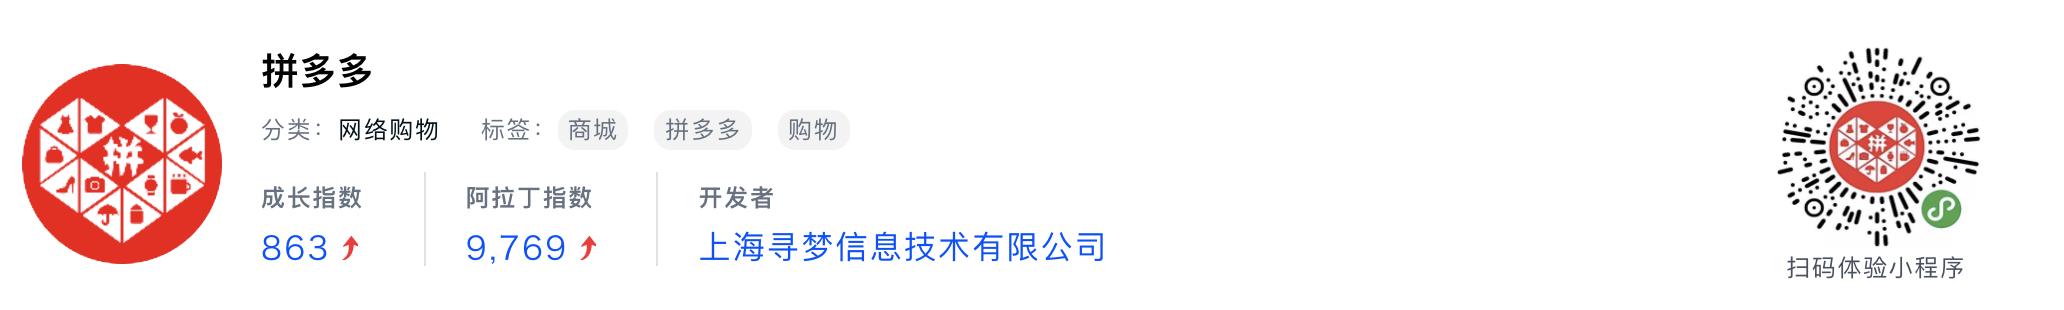 WeChatミニプログラム最新ランキングTOP20【2019年6月版】1位:拼多多